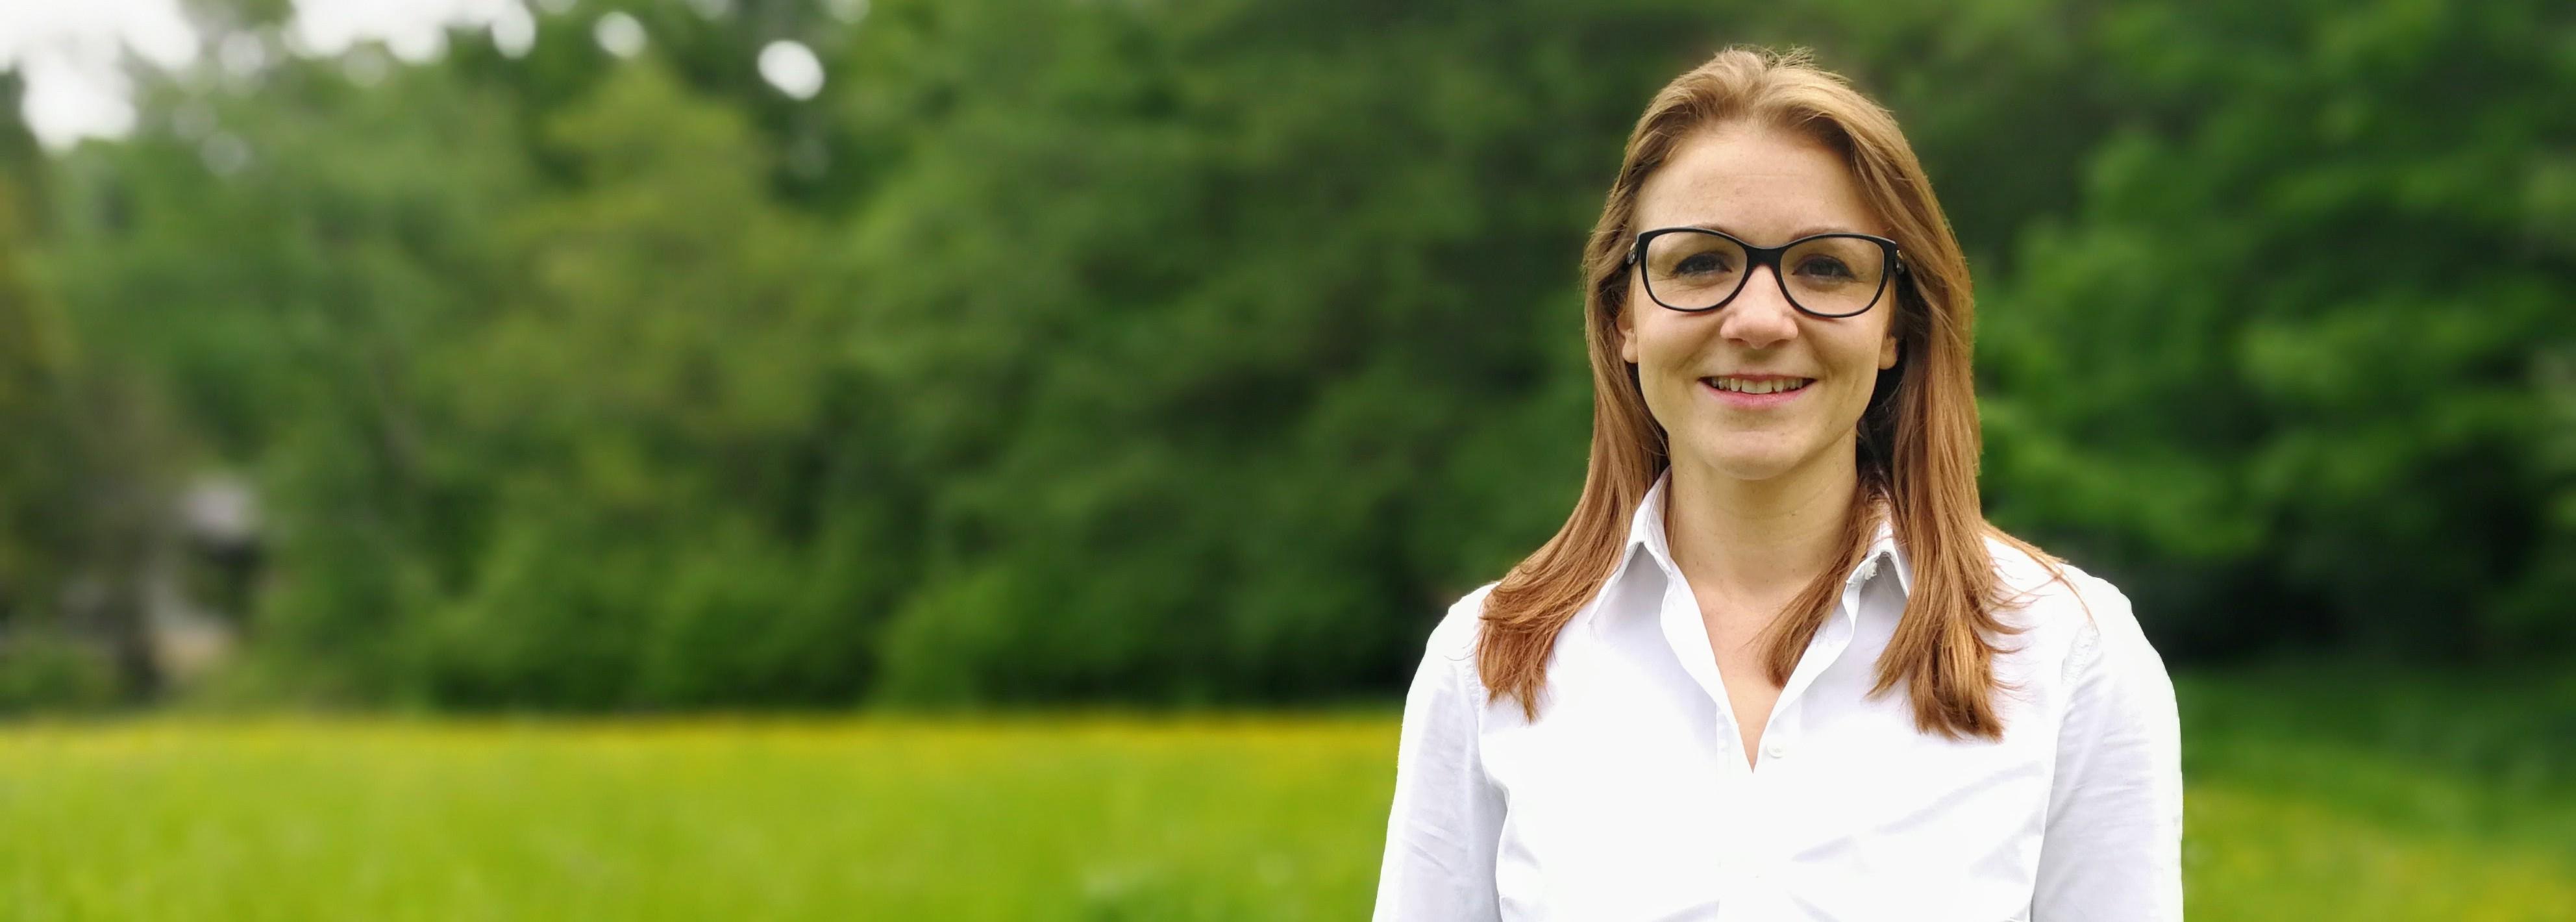 Manuela Pfeffer